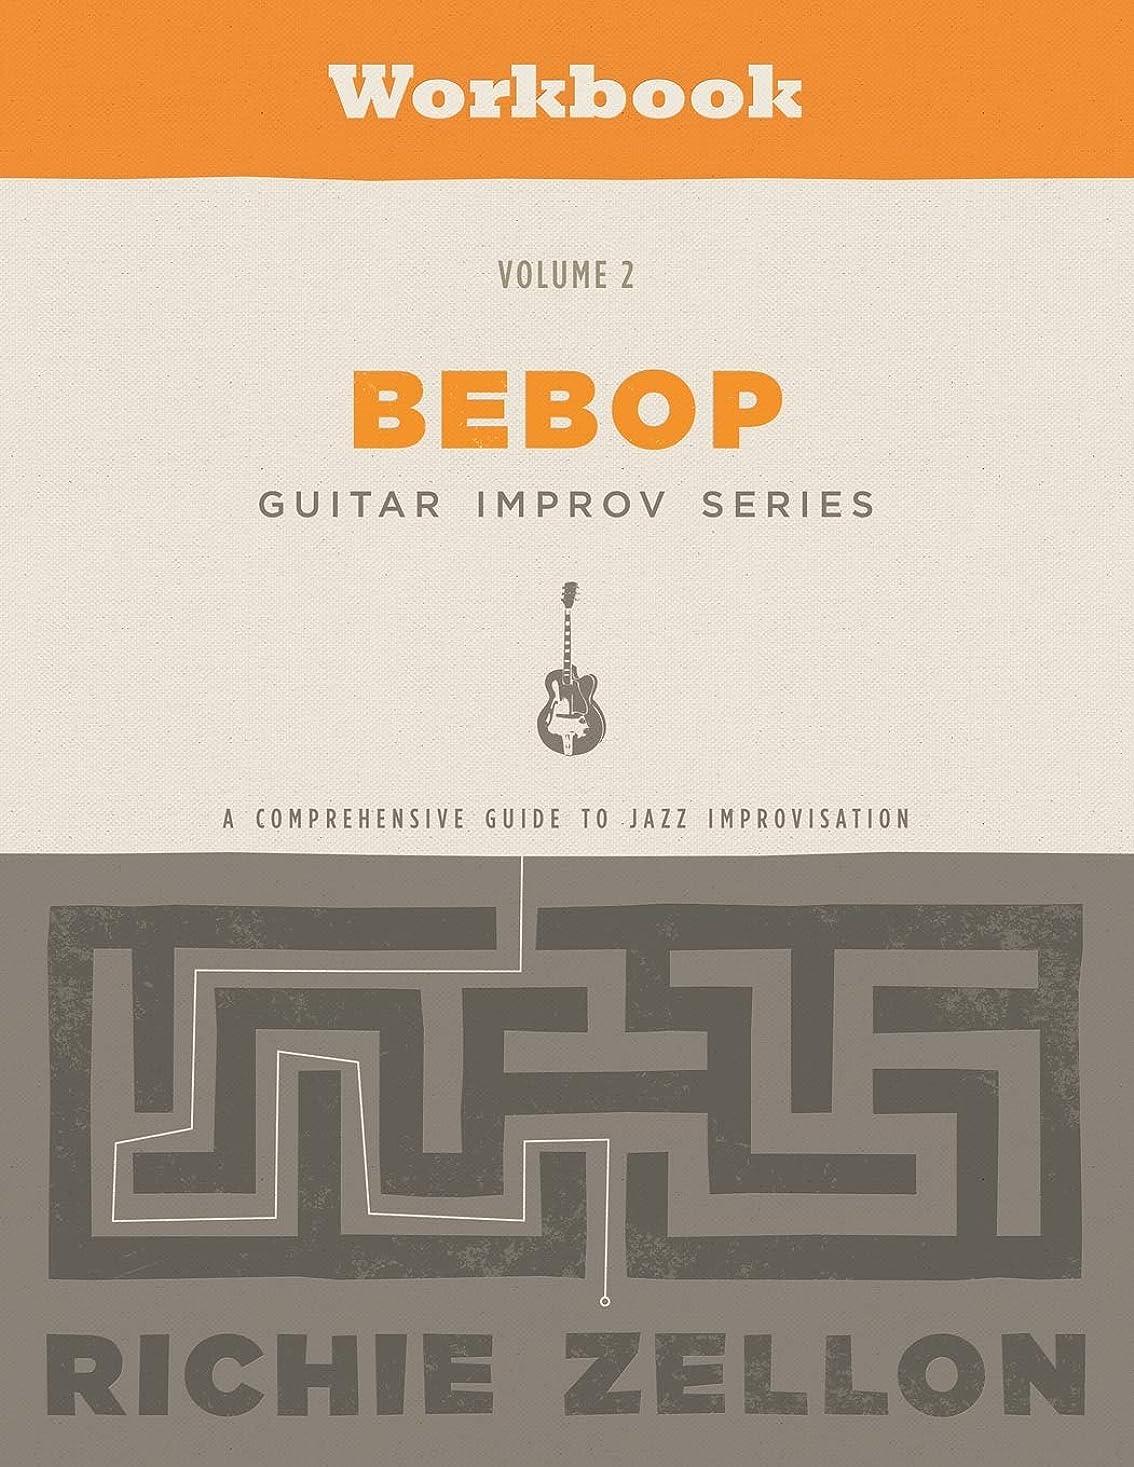 チェス座る小人Bebop Guitar Improv Series VOL 2- Workbook: A Comprehensive Guide To Jazz Improvisation